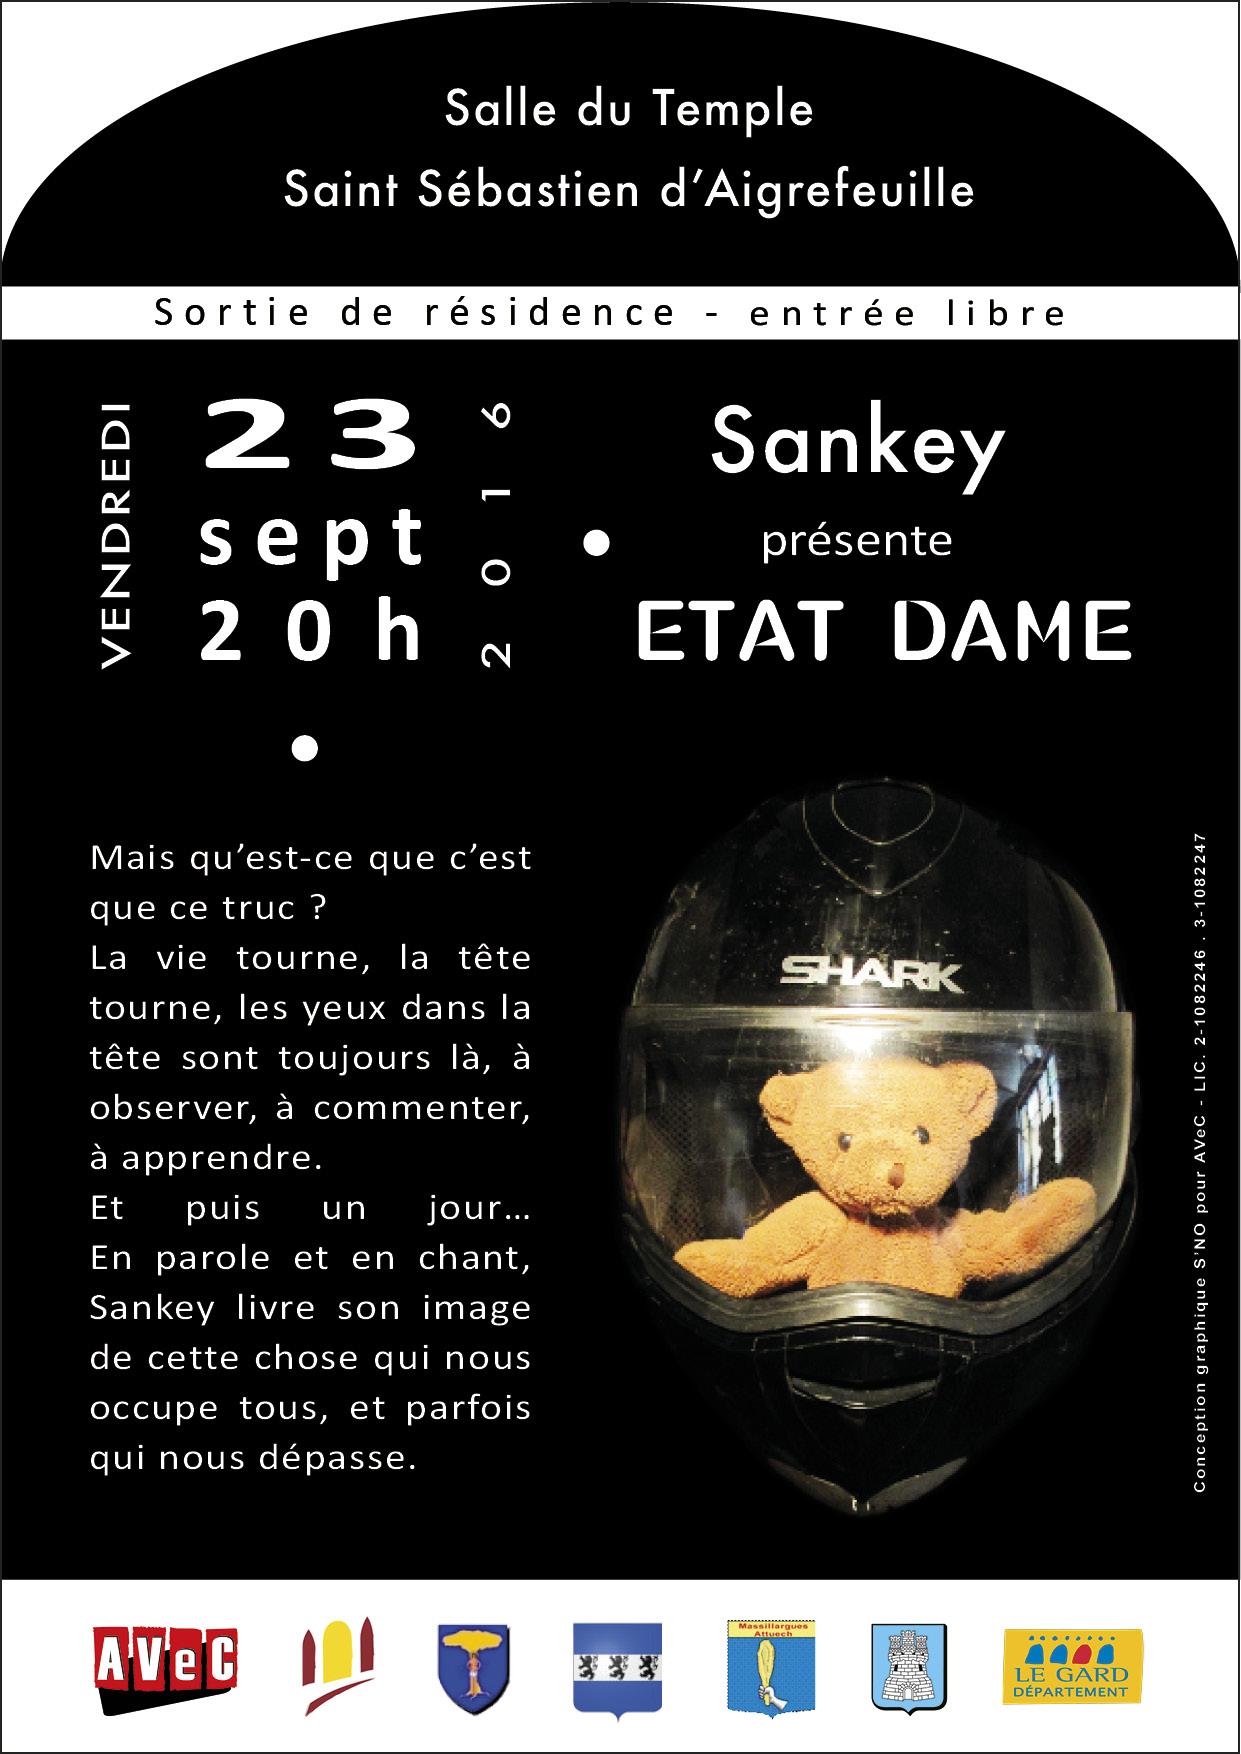 Sortie de résidence - Etat dame, Sankey - 23.09.2016